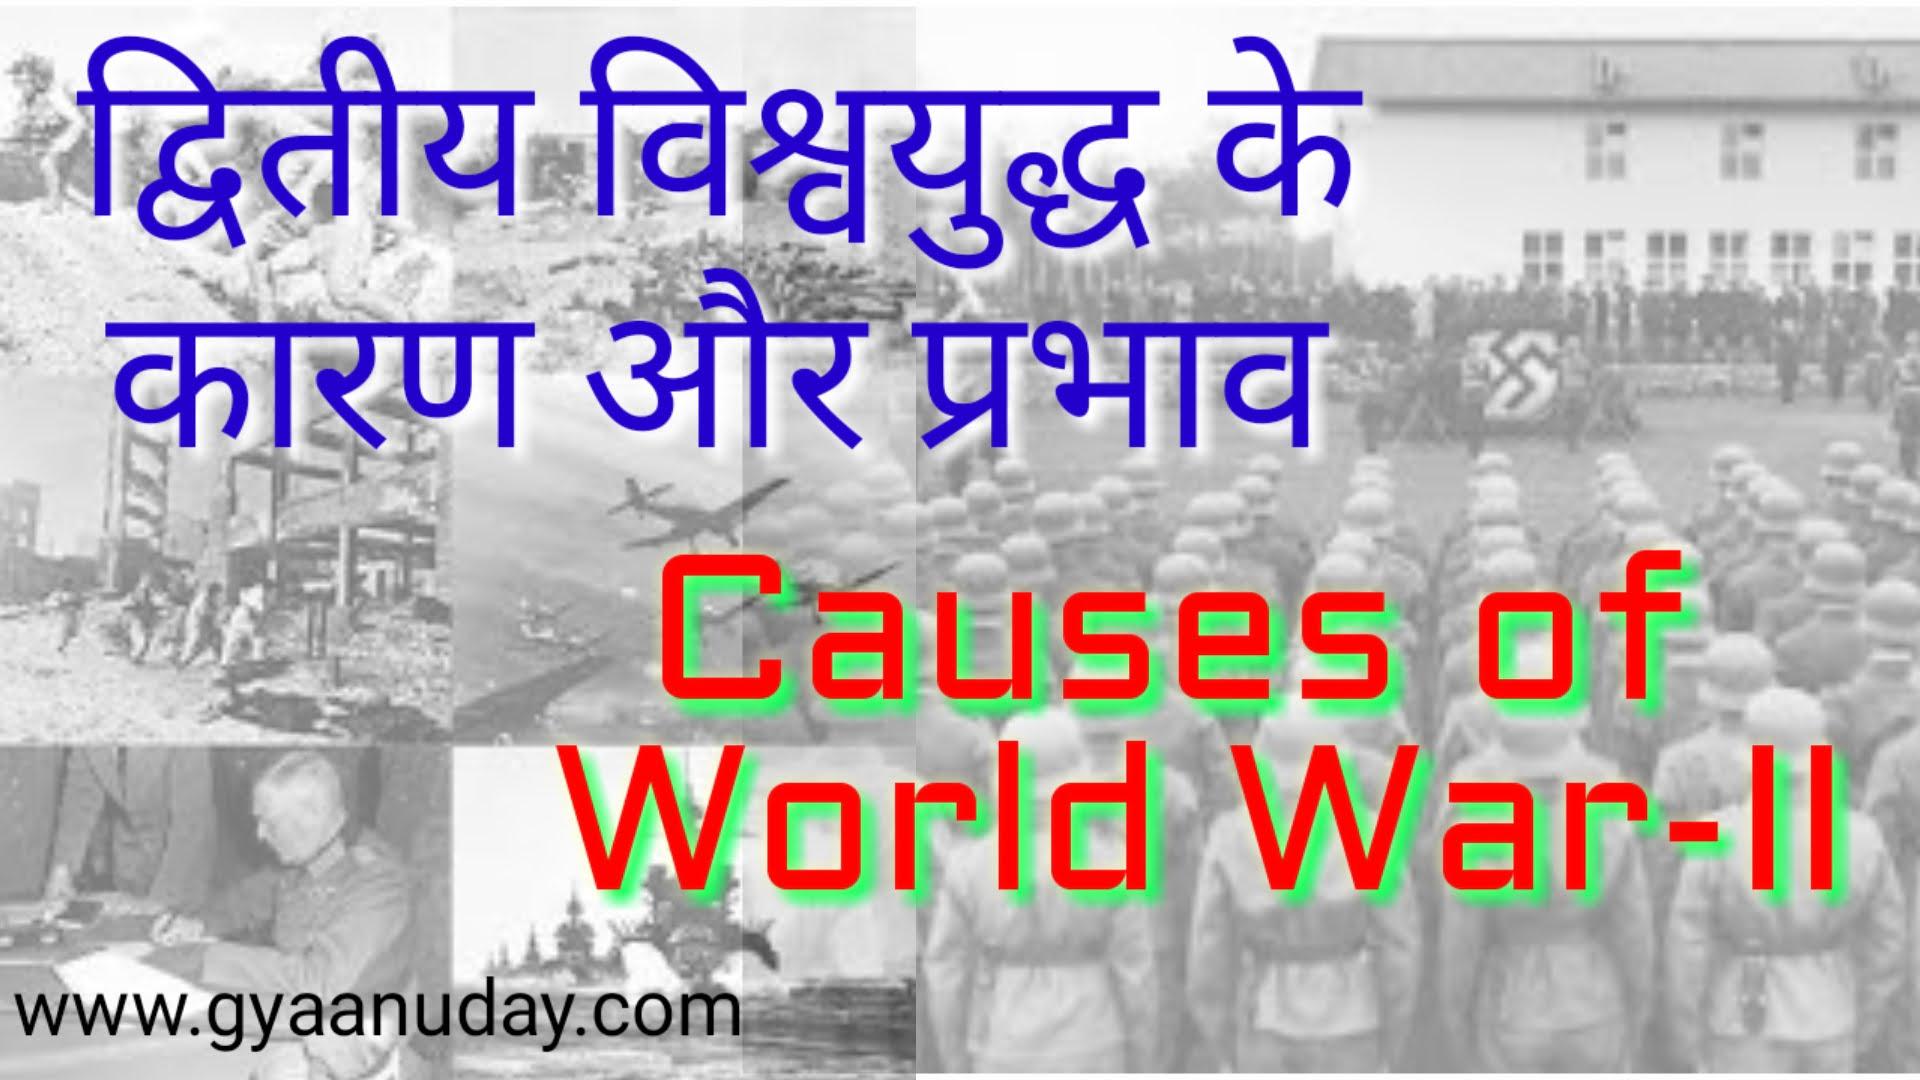 द्वितीय विश्वयुद्ध के कारण और प्रभाव